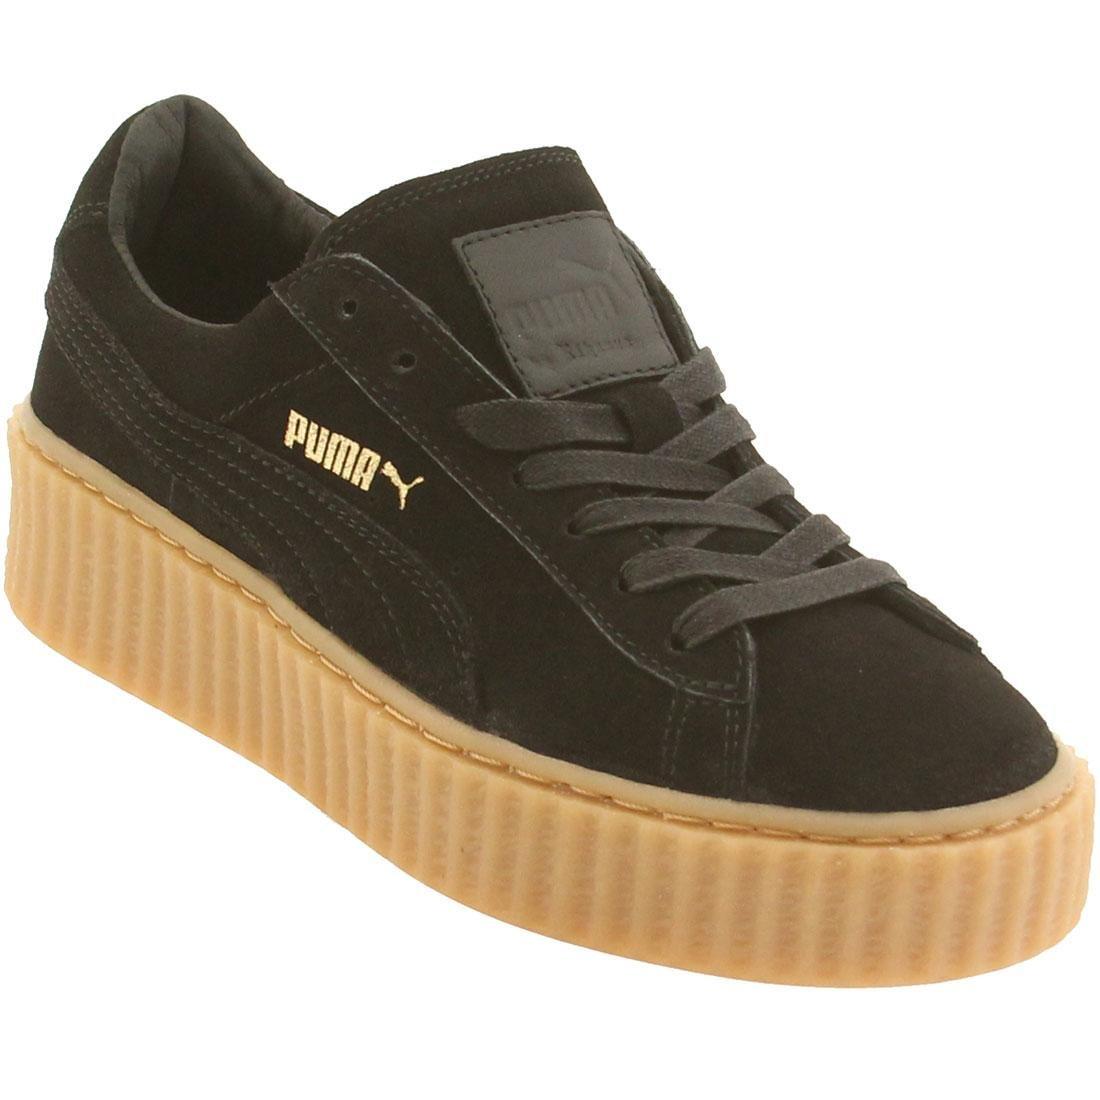 PUMA Women's x Rihanna Creeper Sneakers B0126JWRDA 7.5 B(M) US|Black / Oatmeal